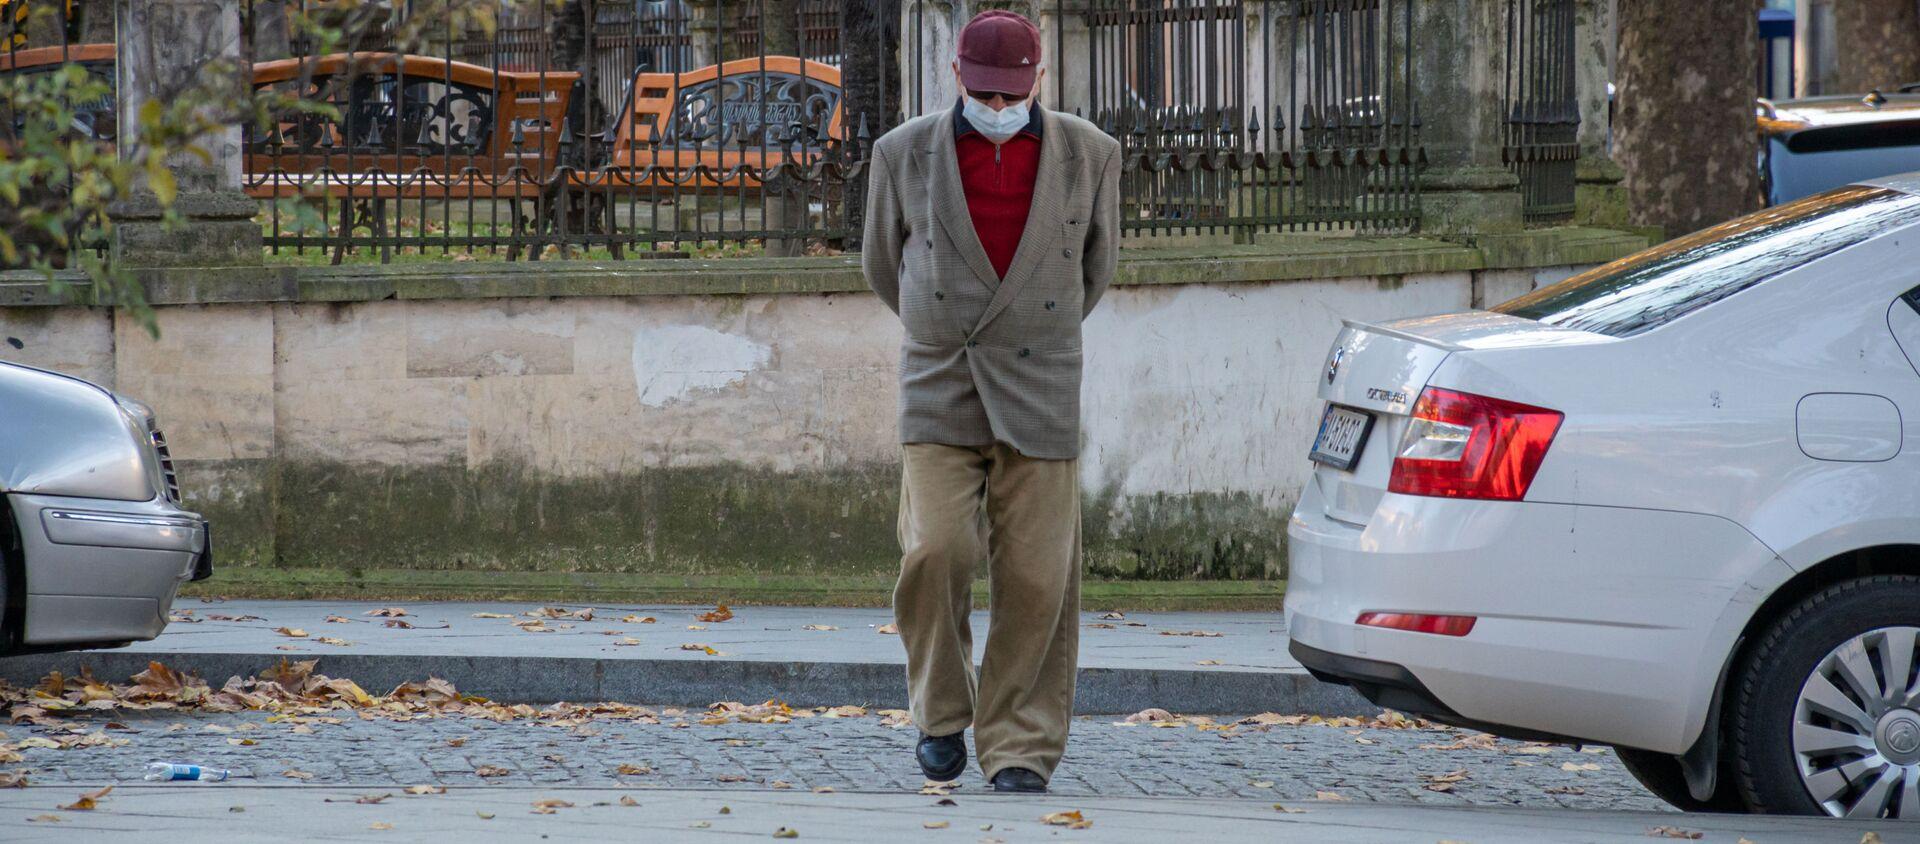 Кутаиси. Эпидемия коронавируса. Пожилой мужчина идет по улице в маске и в очках - Sputnik Грузия, 1920, 01.01.2021